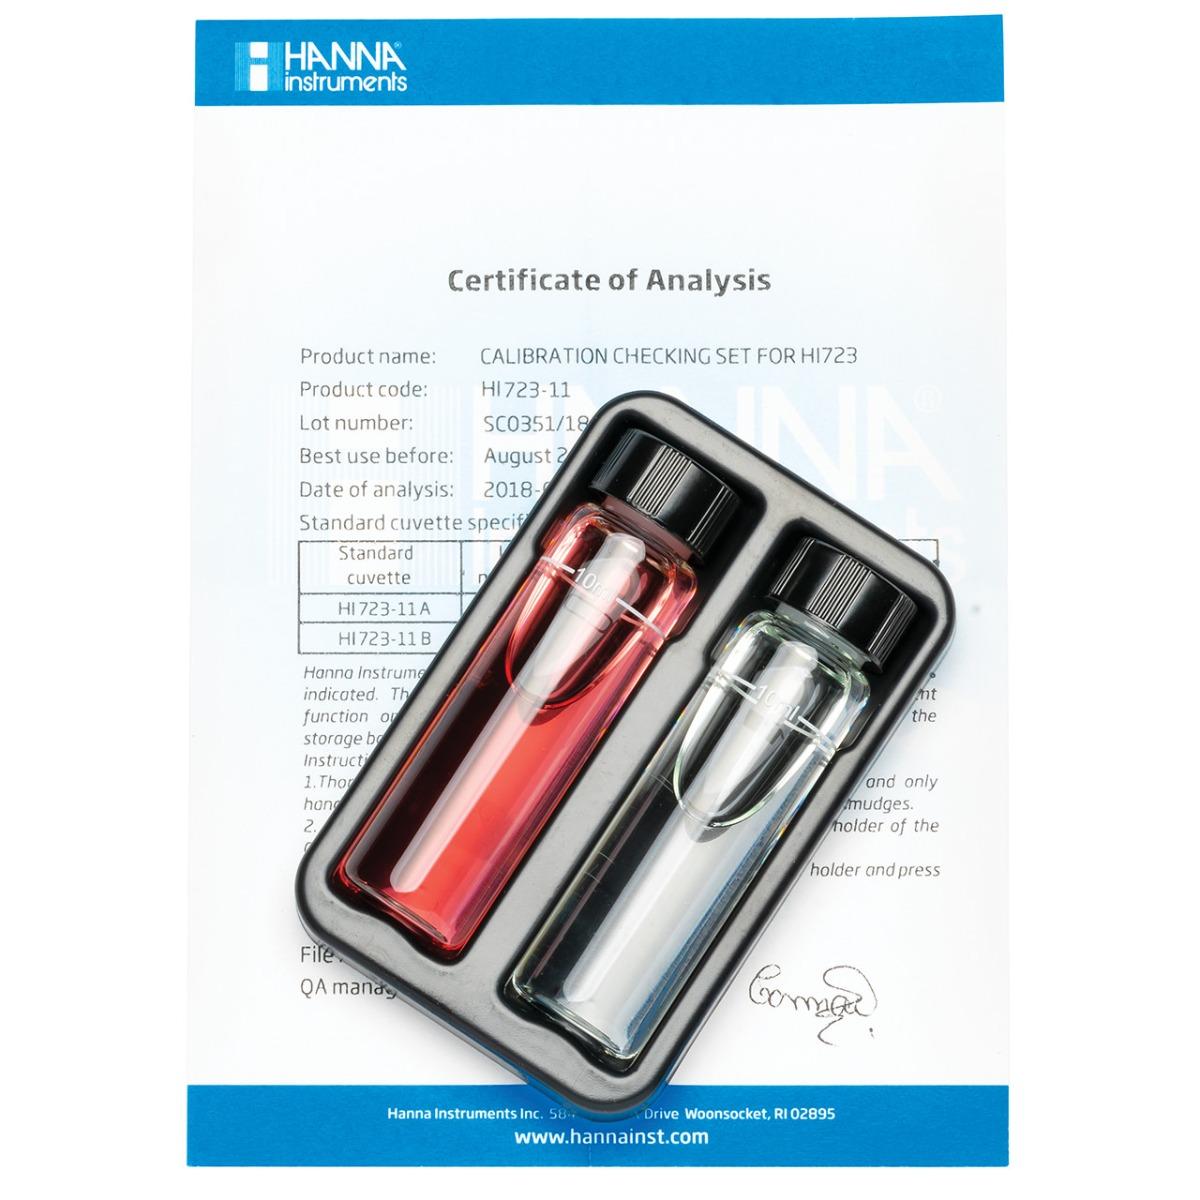 HI723-11 Chromium VI High Range Checker® HC Calibration Set